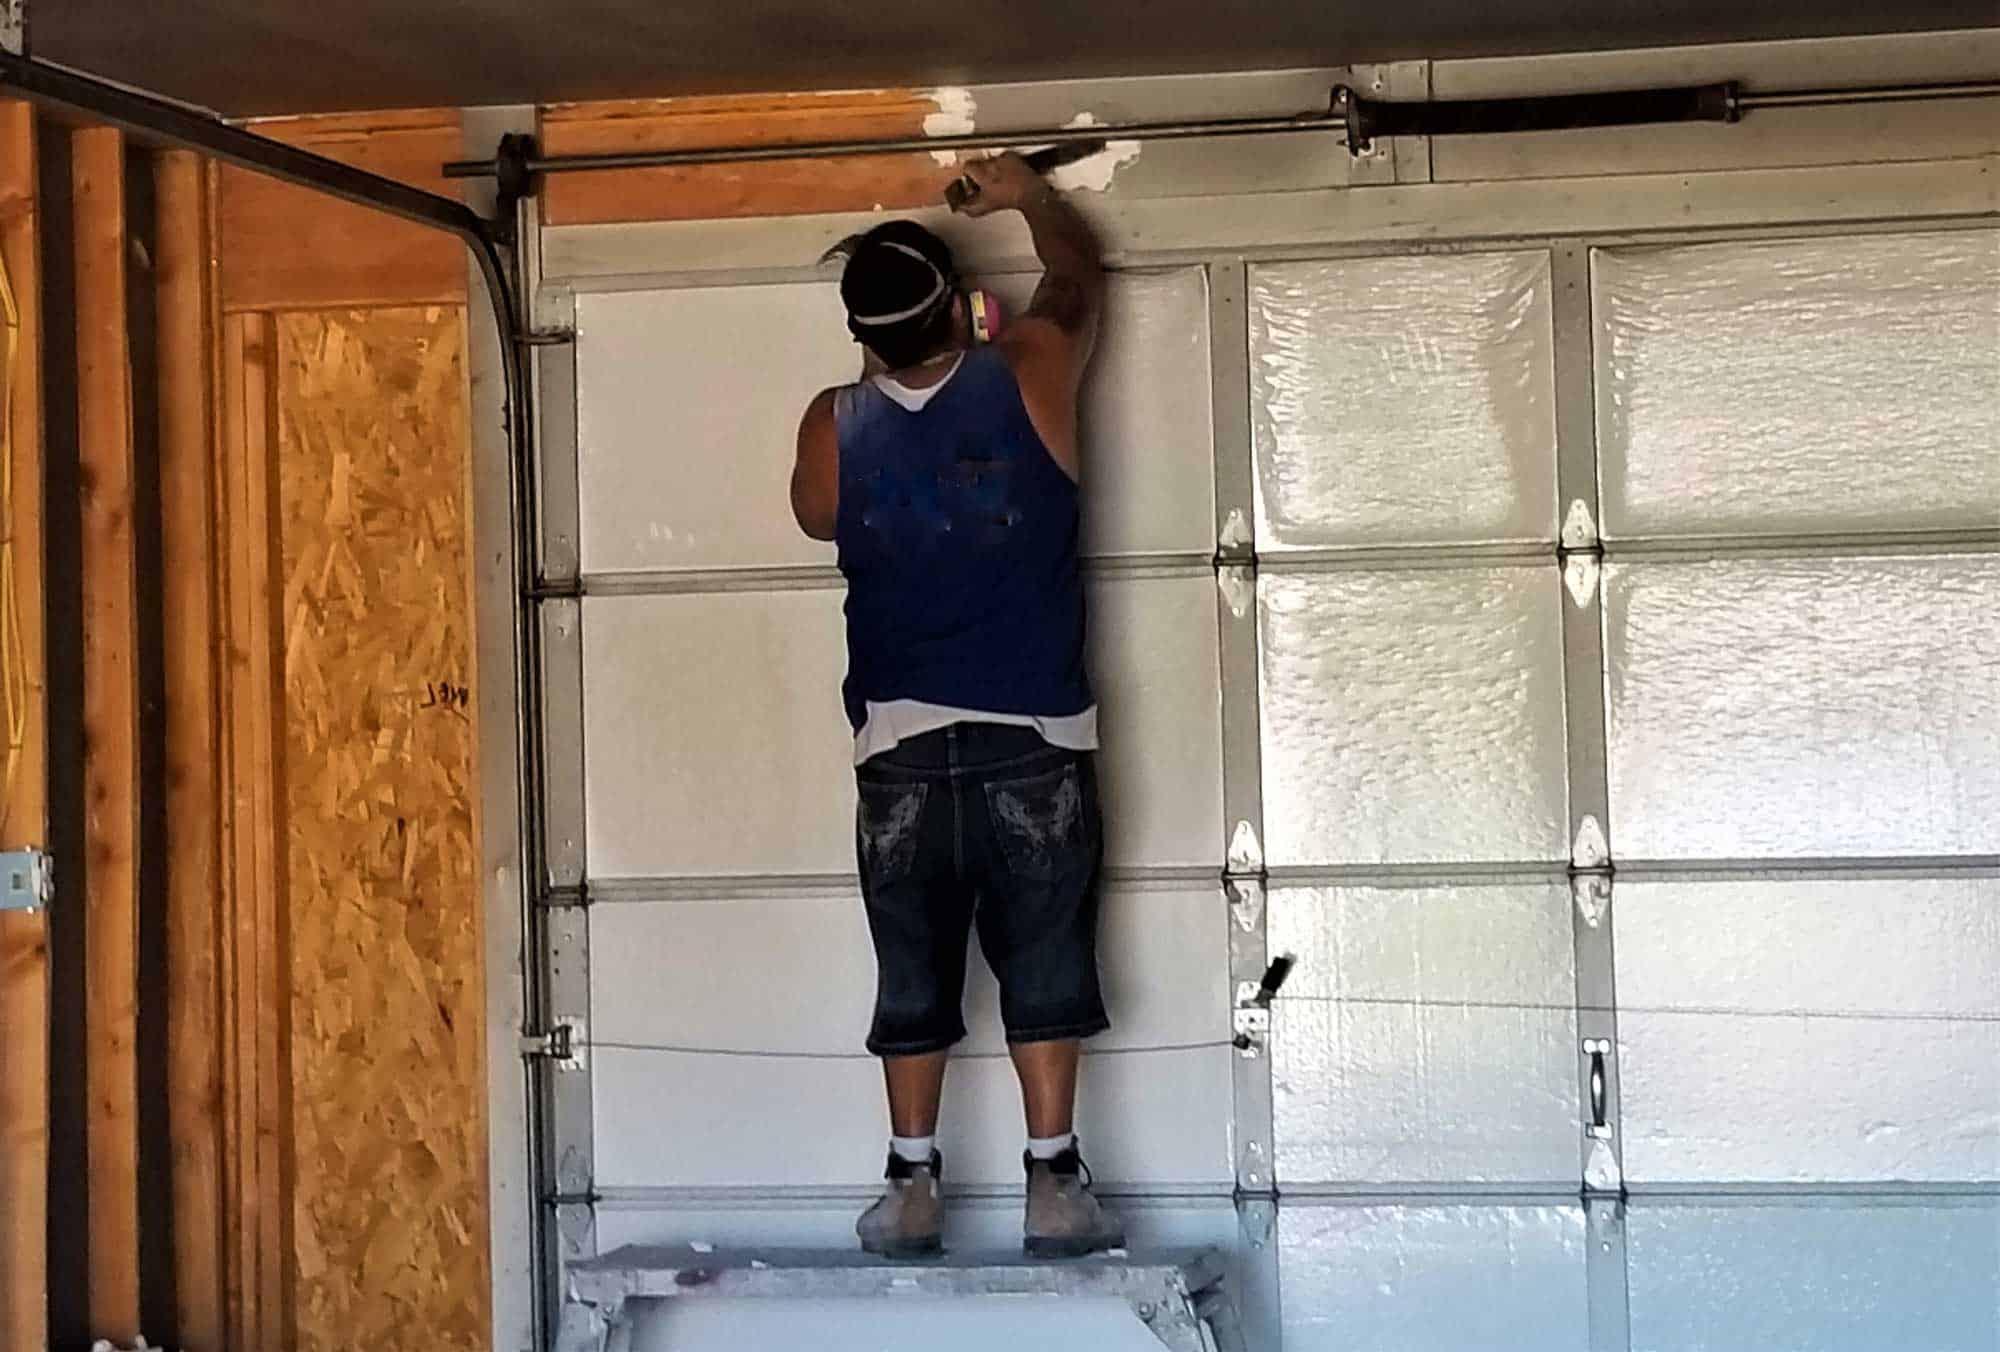 construction worker installing garage door spring